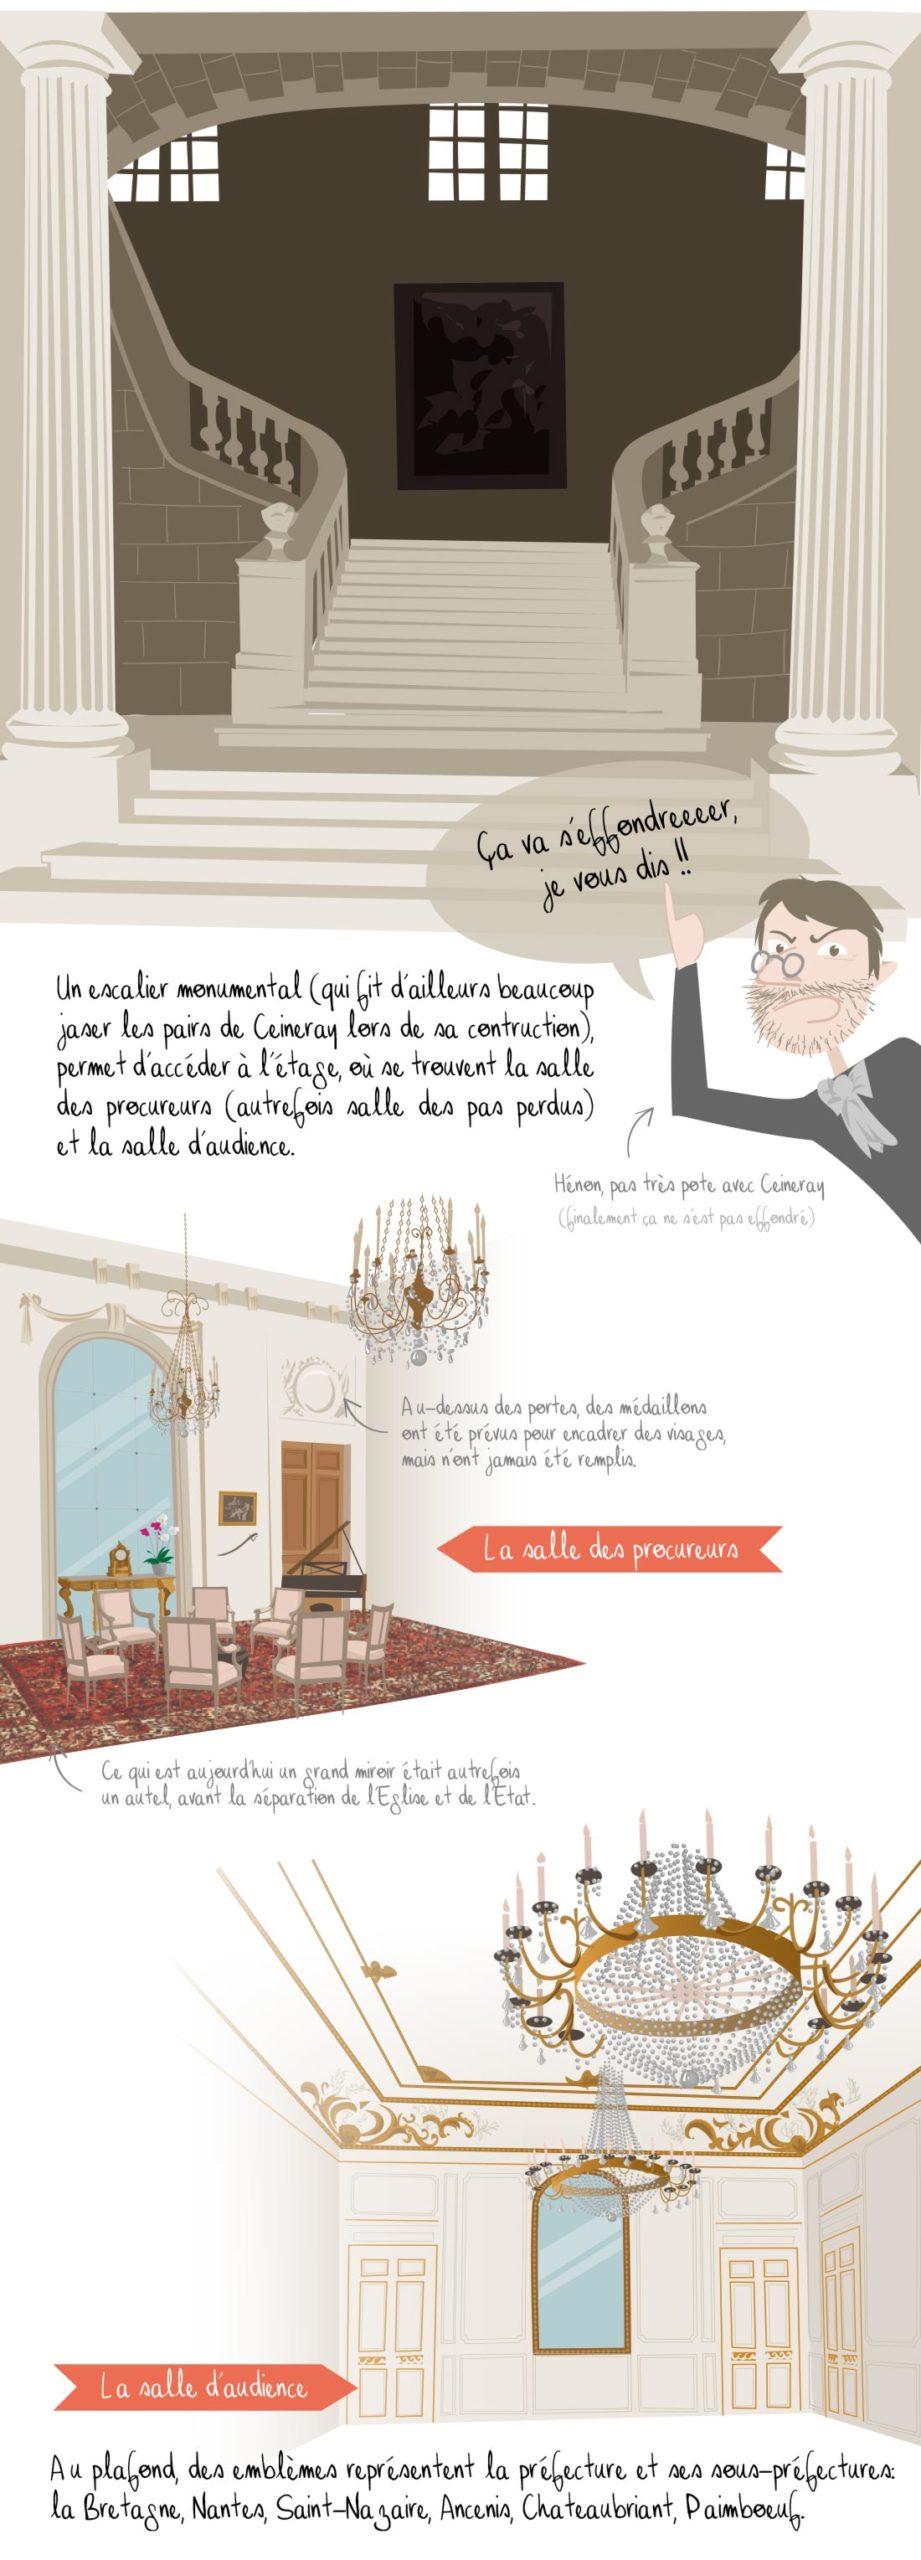 Histoire de la préfecture de Nantes, partie 3